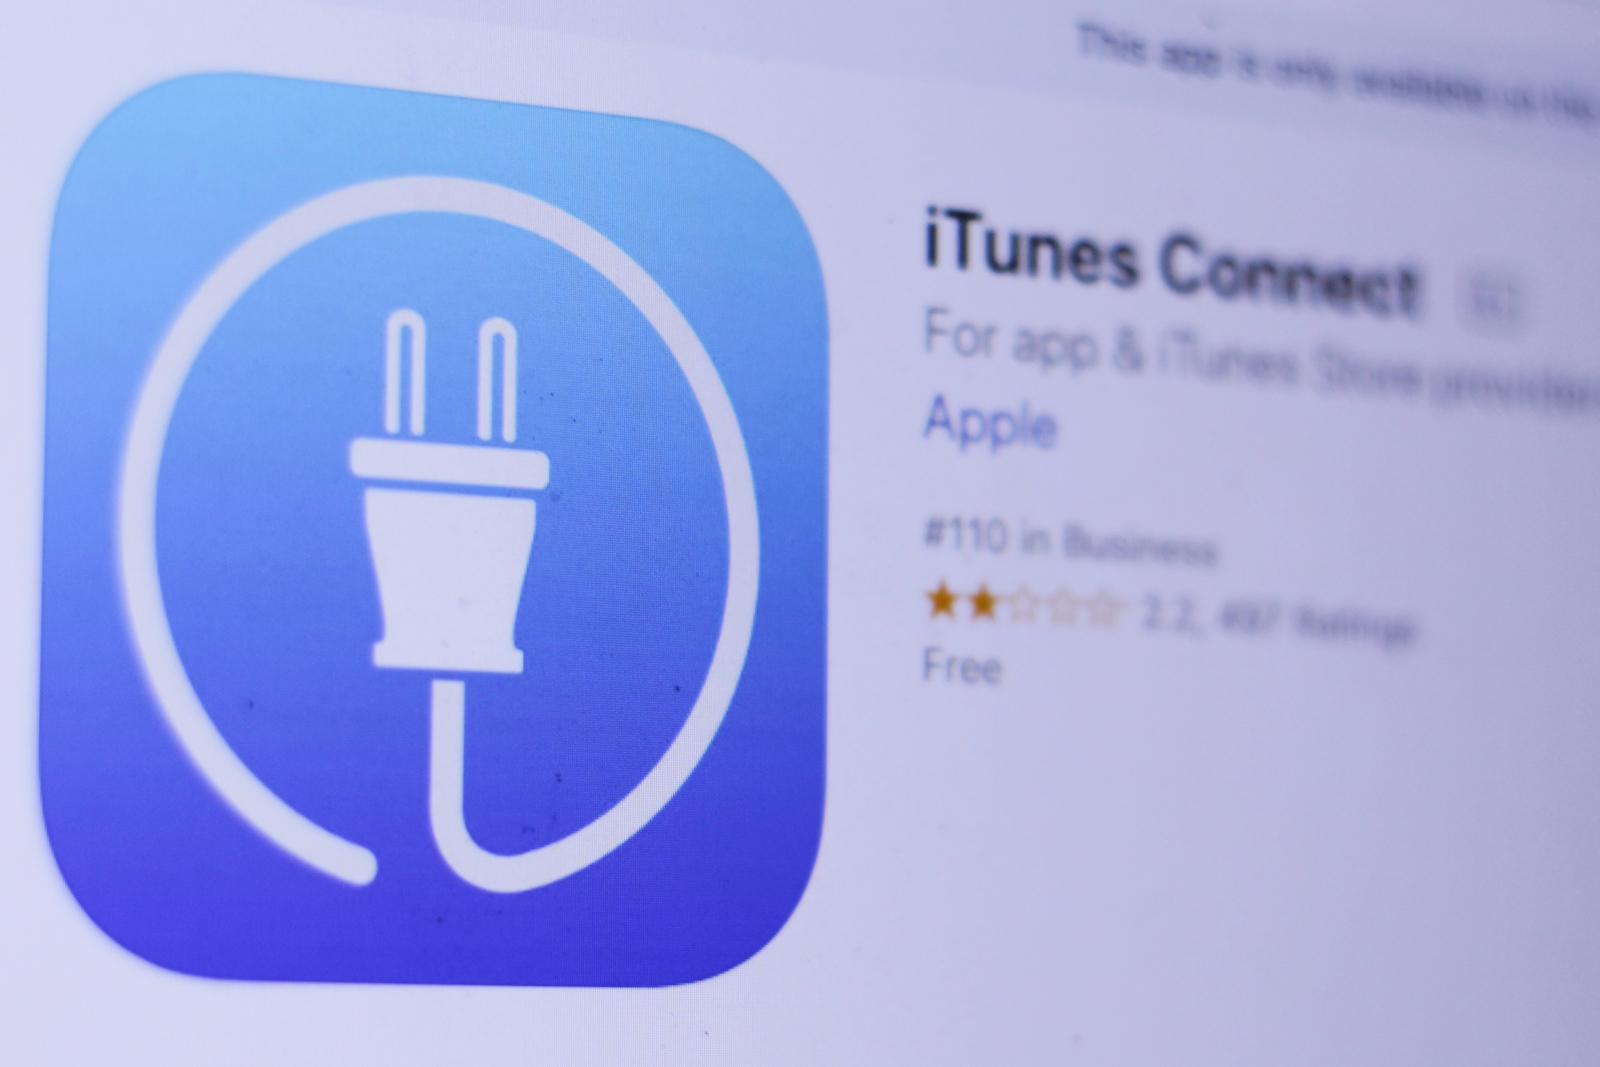 5 métricas de Google Play Console y iTunes Connect a tener en cuenta